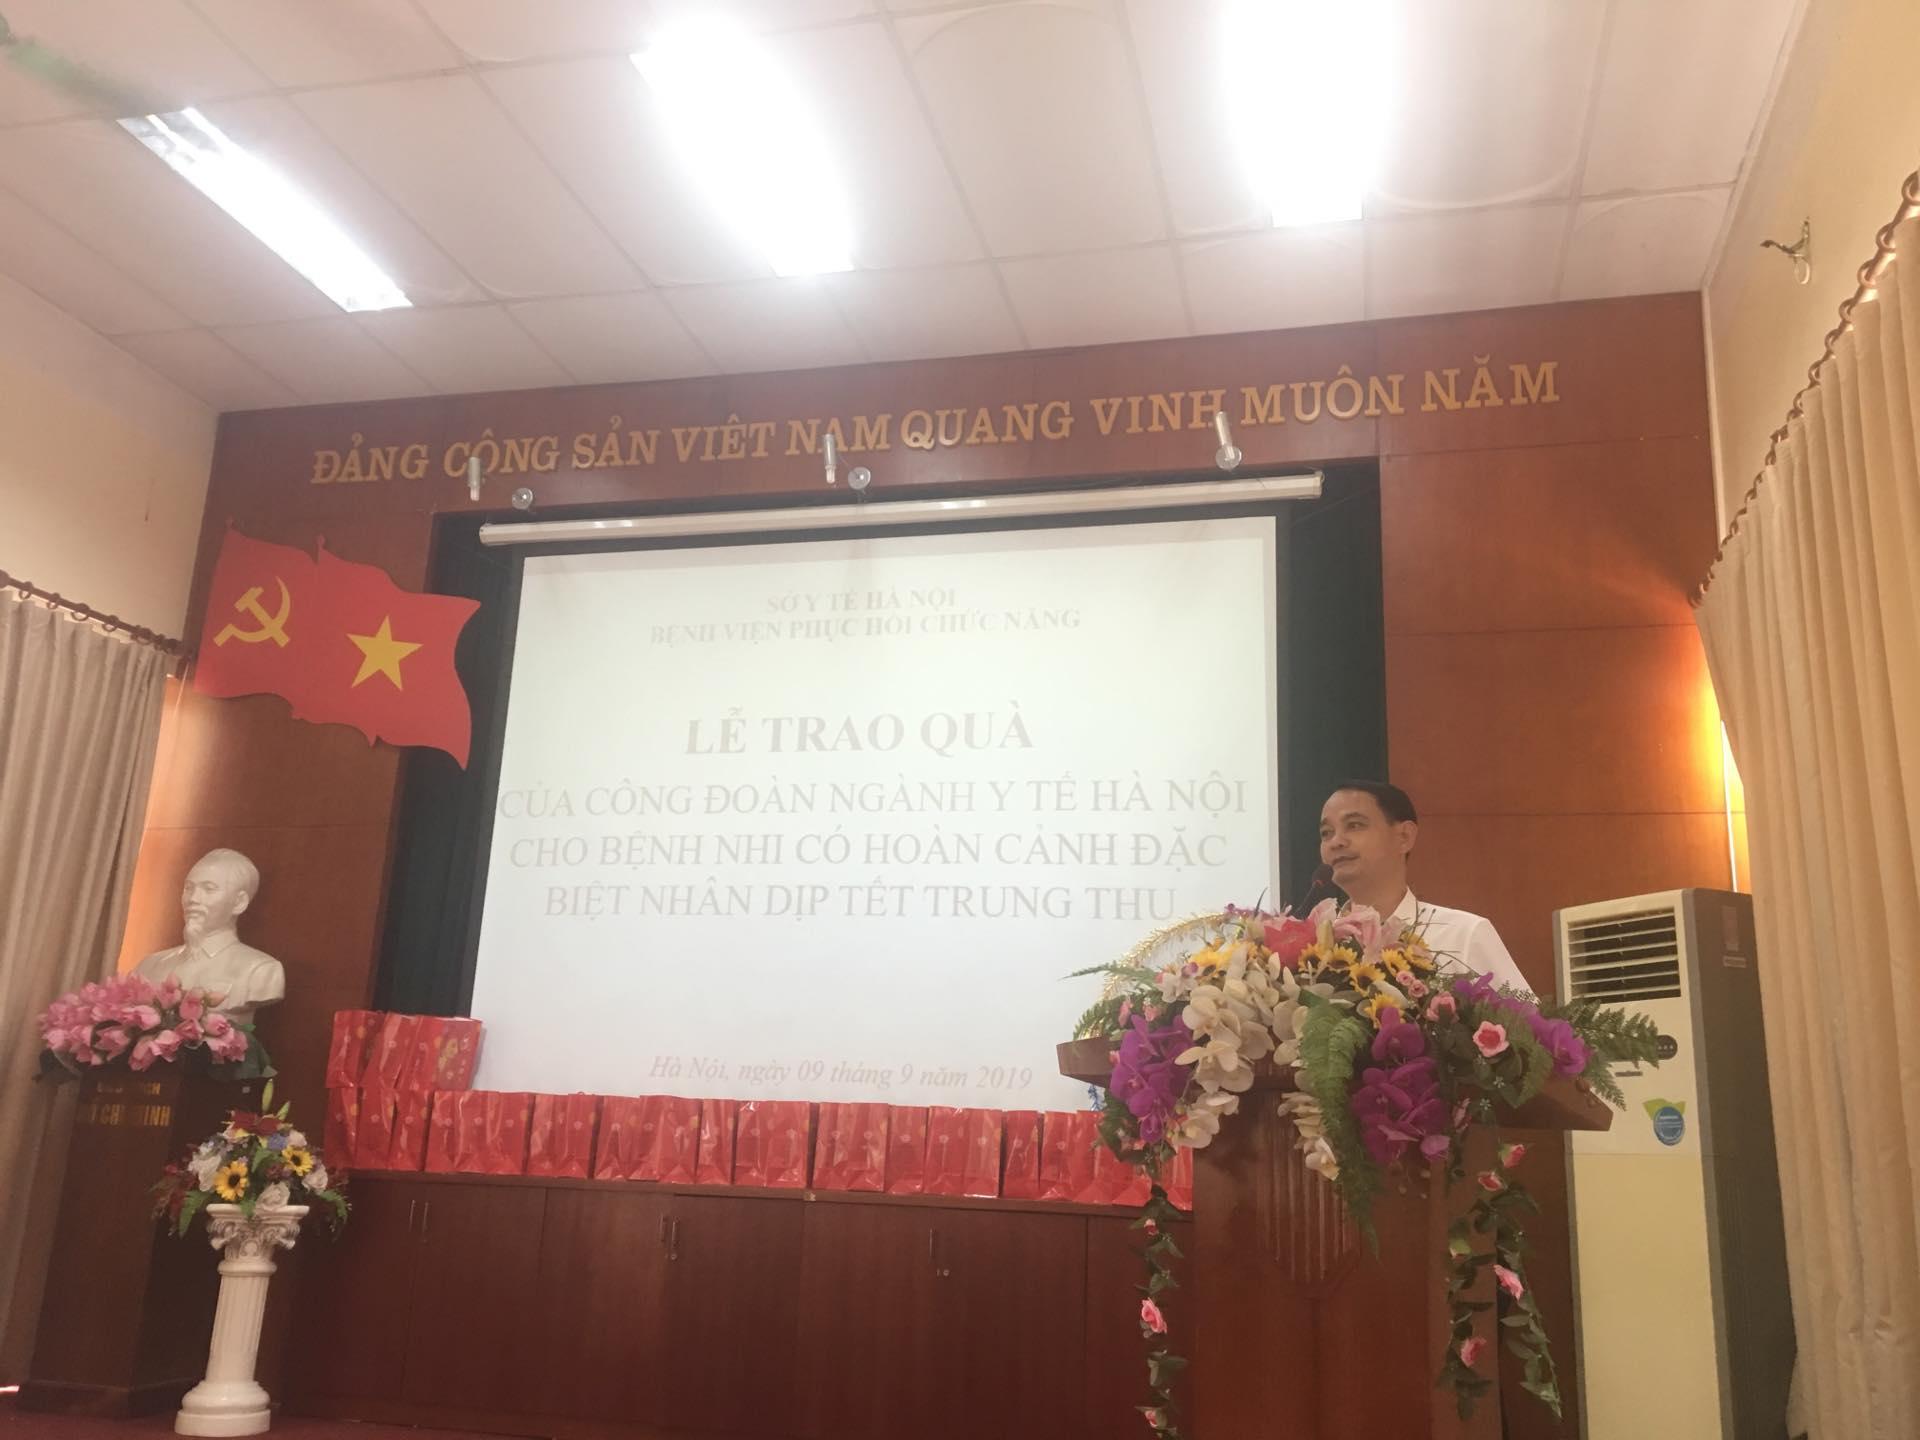 Công đoàn ngành y tế Hà Nội: Thăm và tặng quà Tết Trung thu tại Làng Hòa Bình Thanh Xuân, Hà Nội